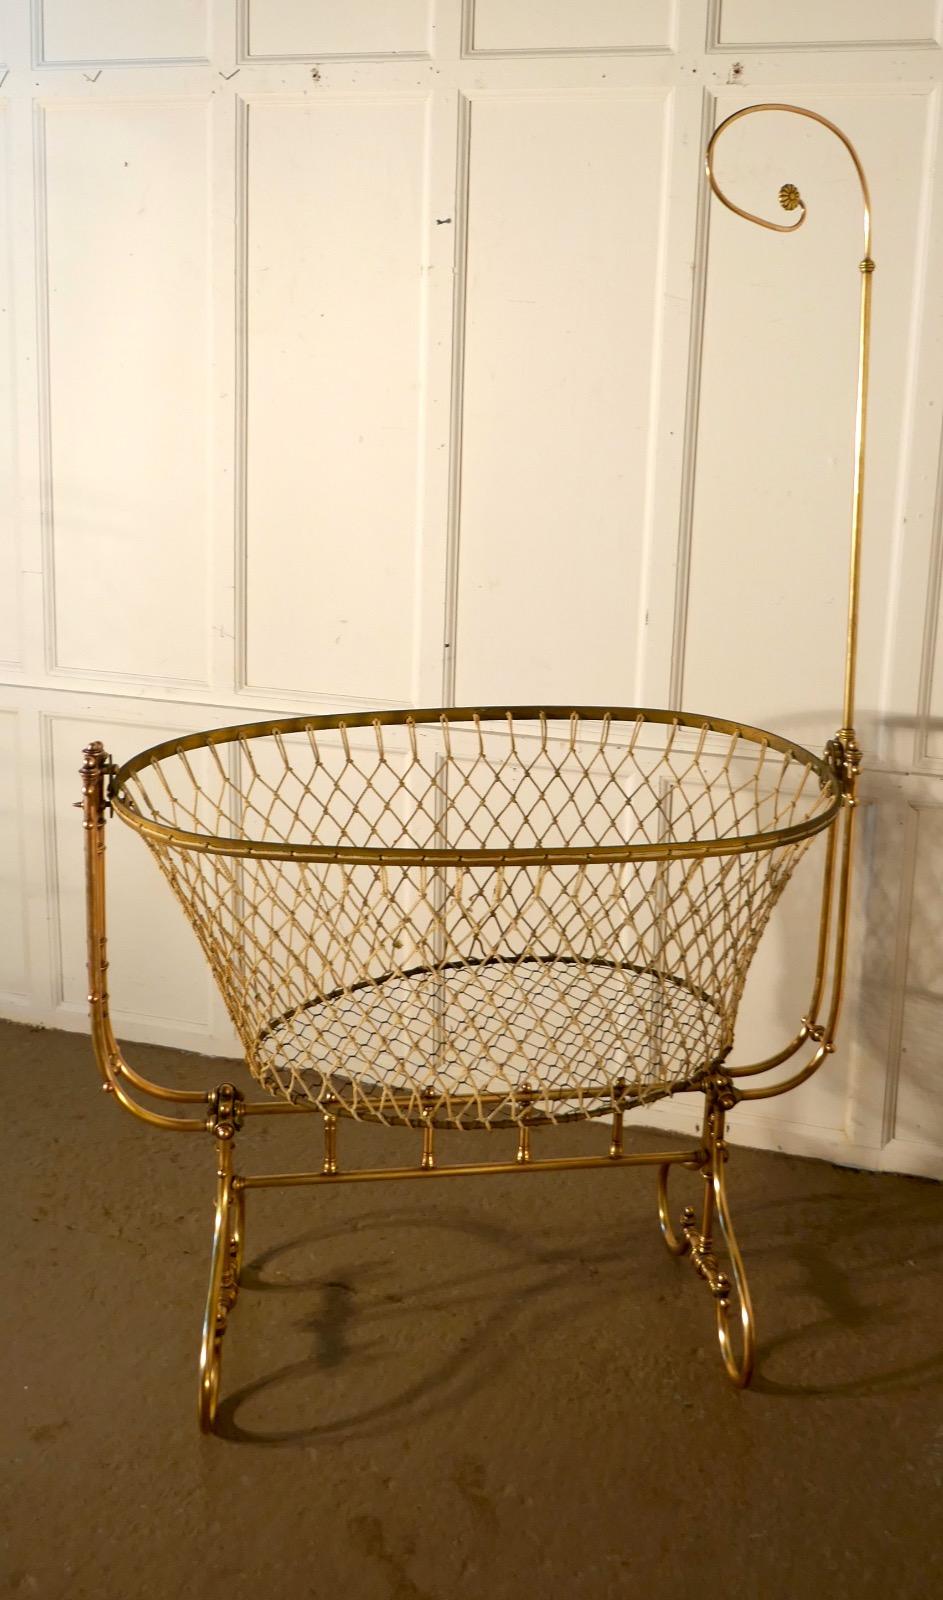 Antique 19th Century Rocking Crib